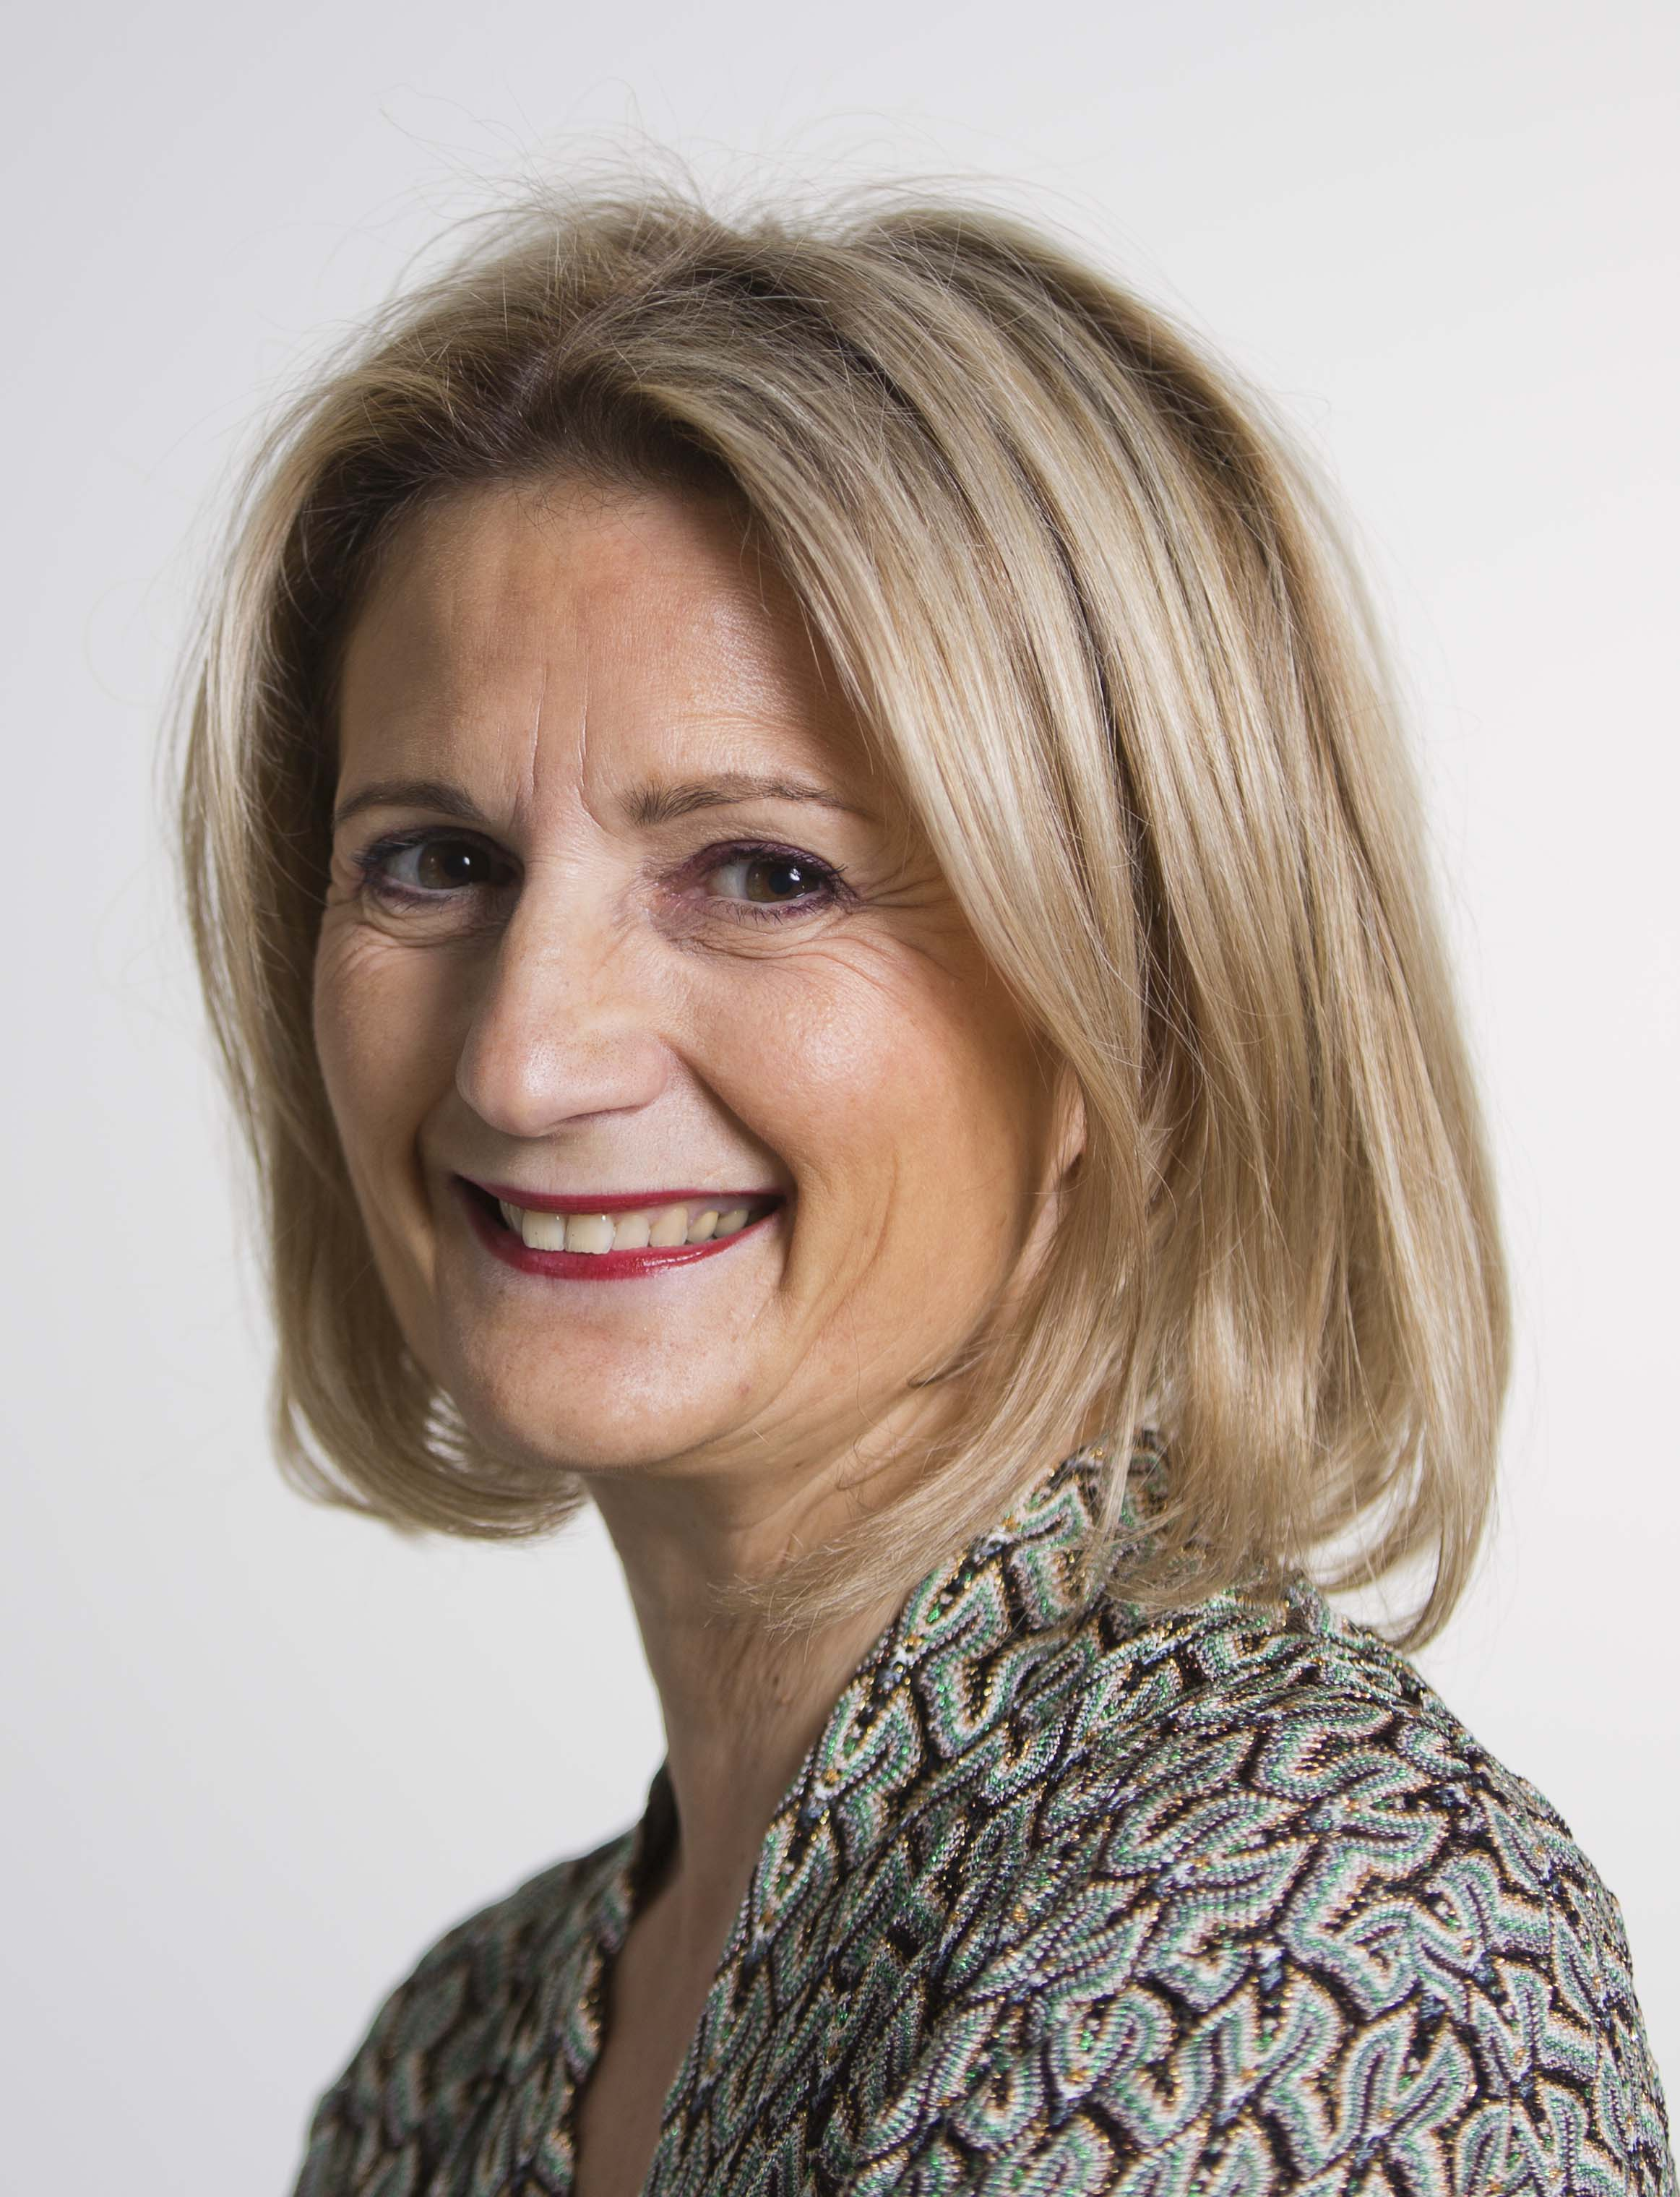 Discorsu di Marie-Antoinette Maupertuis, Presidente di l'Assemblea di Corsica, u 1mu di luddu di u 2021